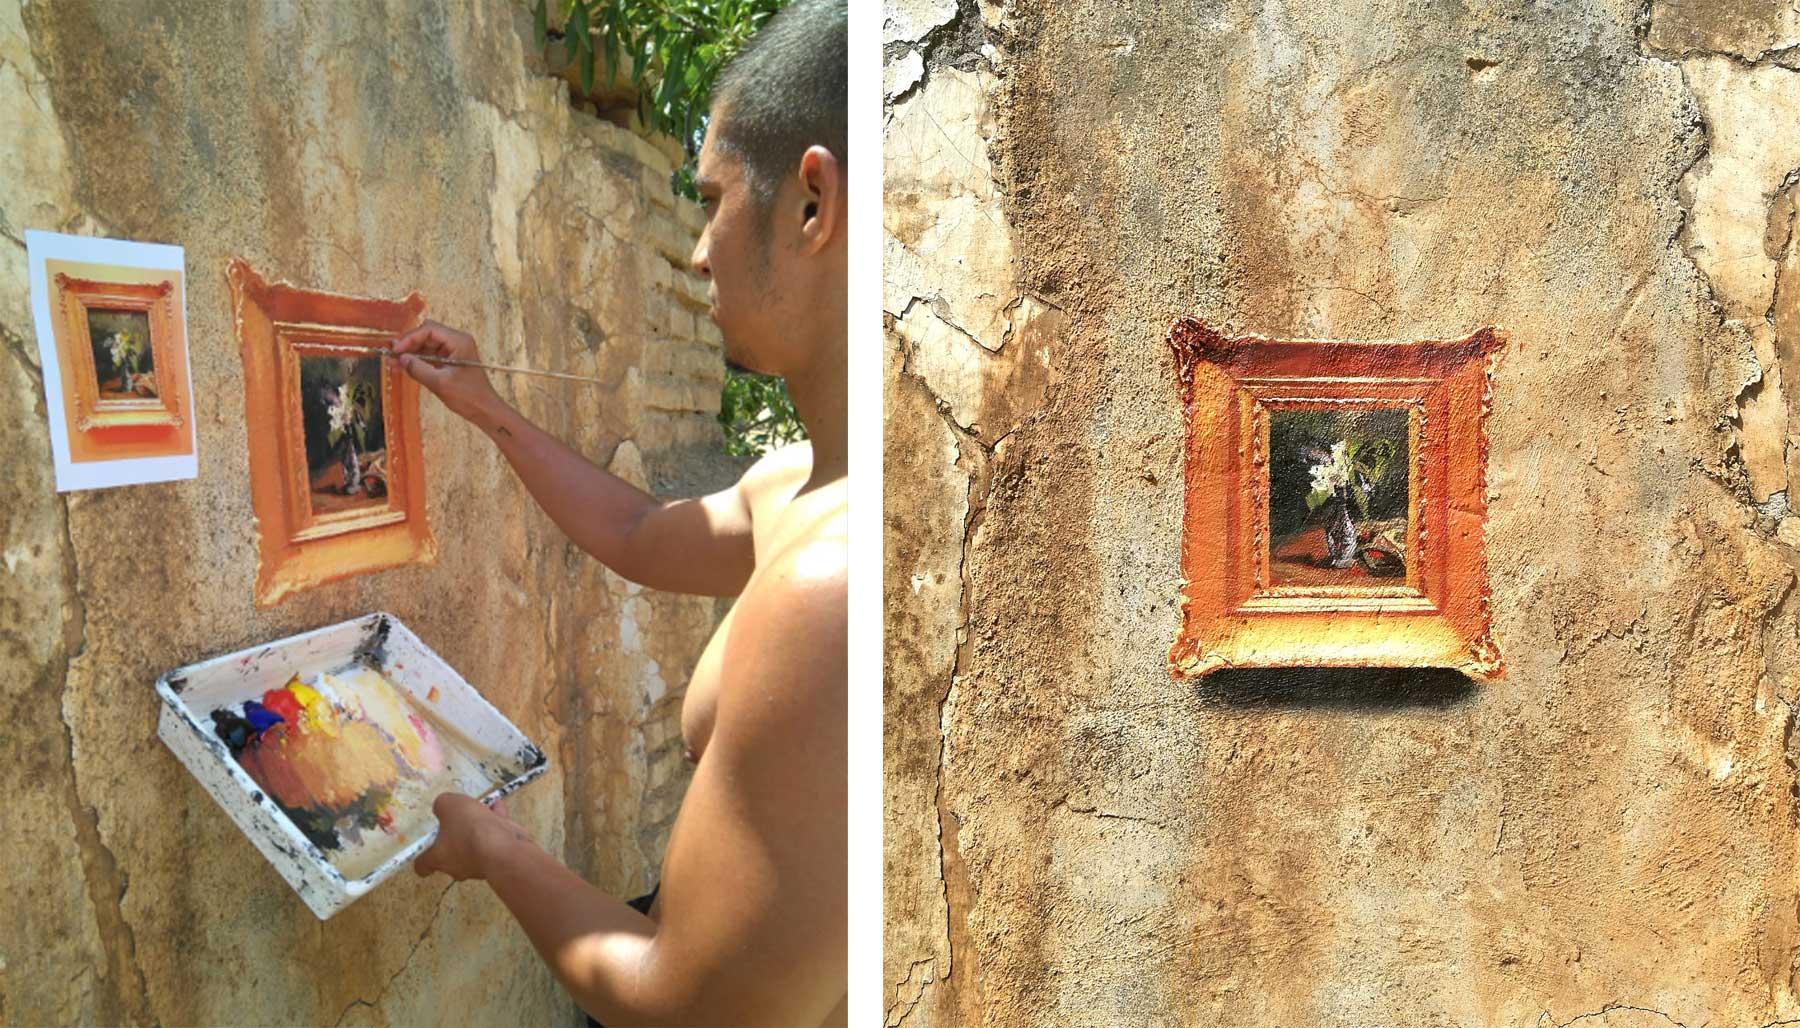 Realistische Abbilder klassischer Gemälde an öffentliche Wände gemalt Julio-Anaya-Cabanding_02